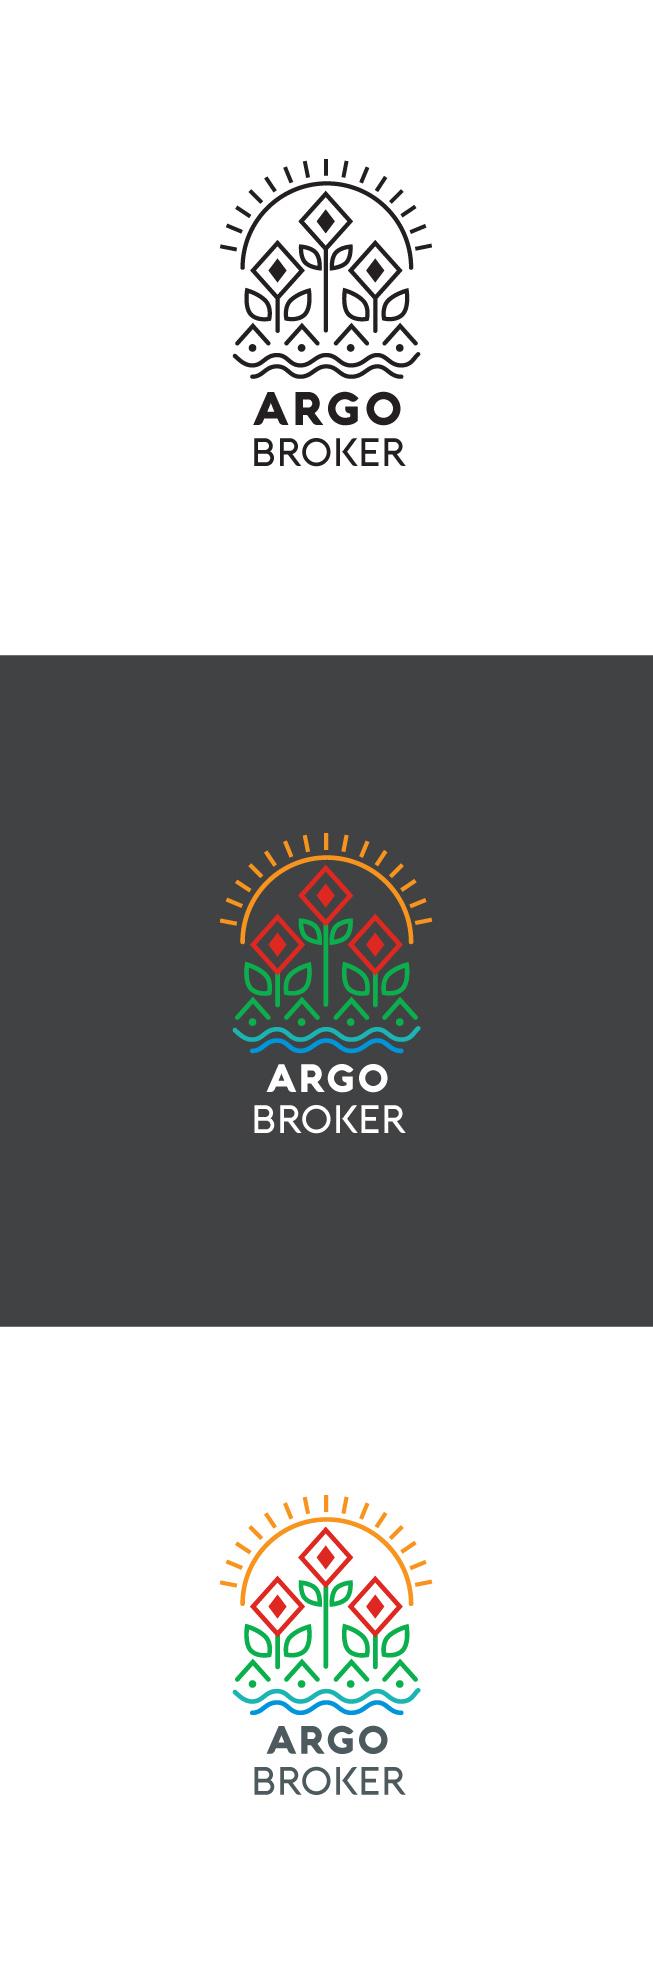 ТЗ на разработку пакета айдентики Agro.Broker фото f_273596b7c0b4b46e.jpg